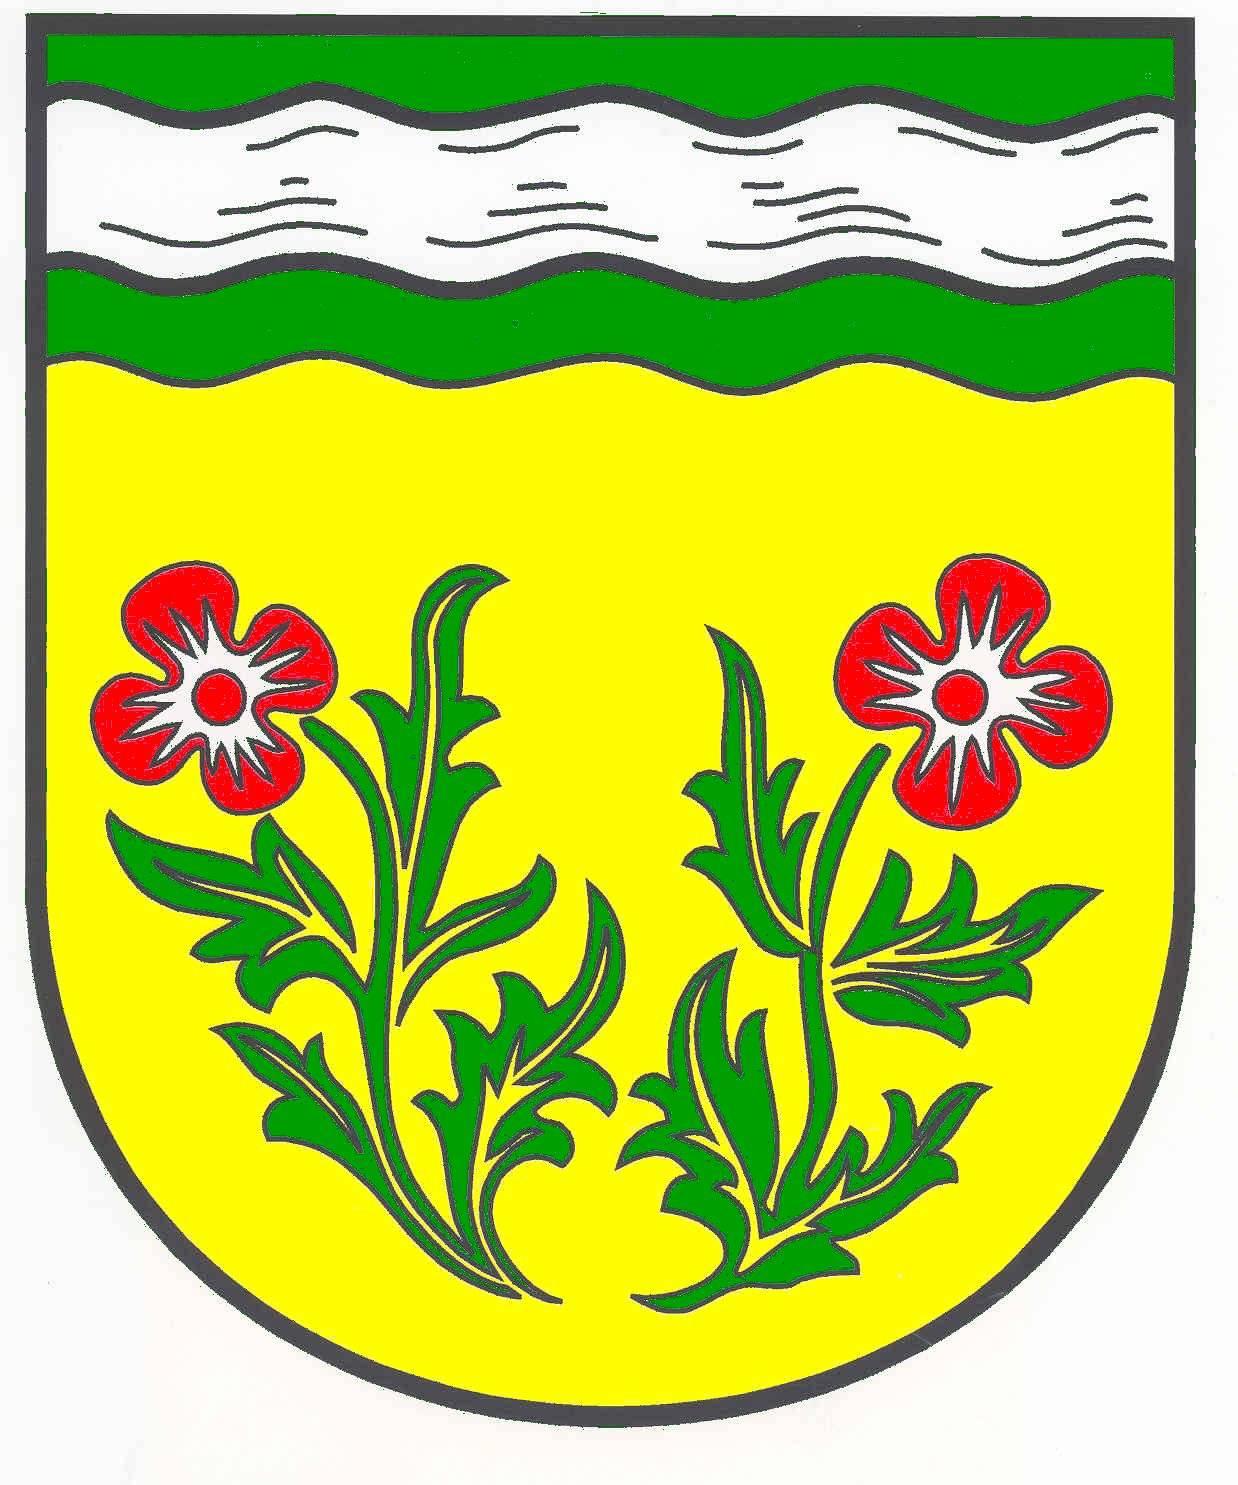 Wappen GemeindeBlumenthal, Kreis Rendsburg-Eckernförde